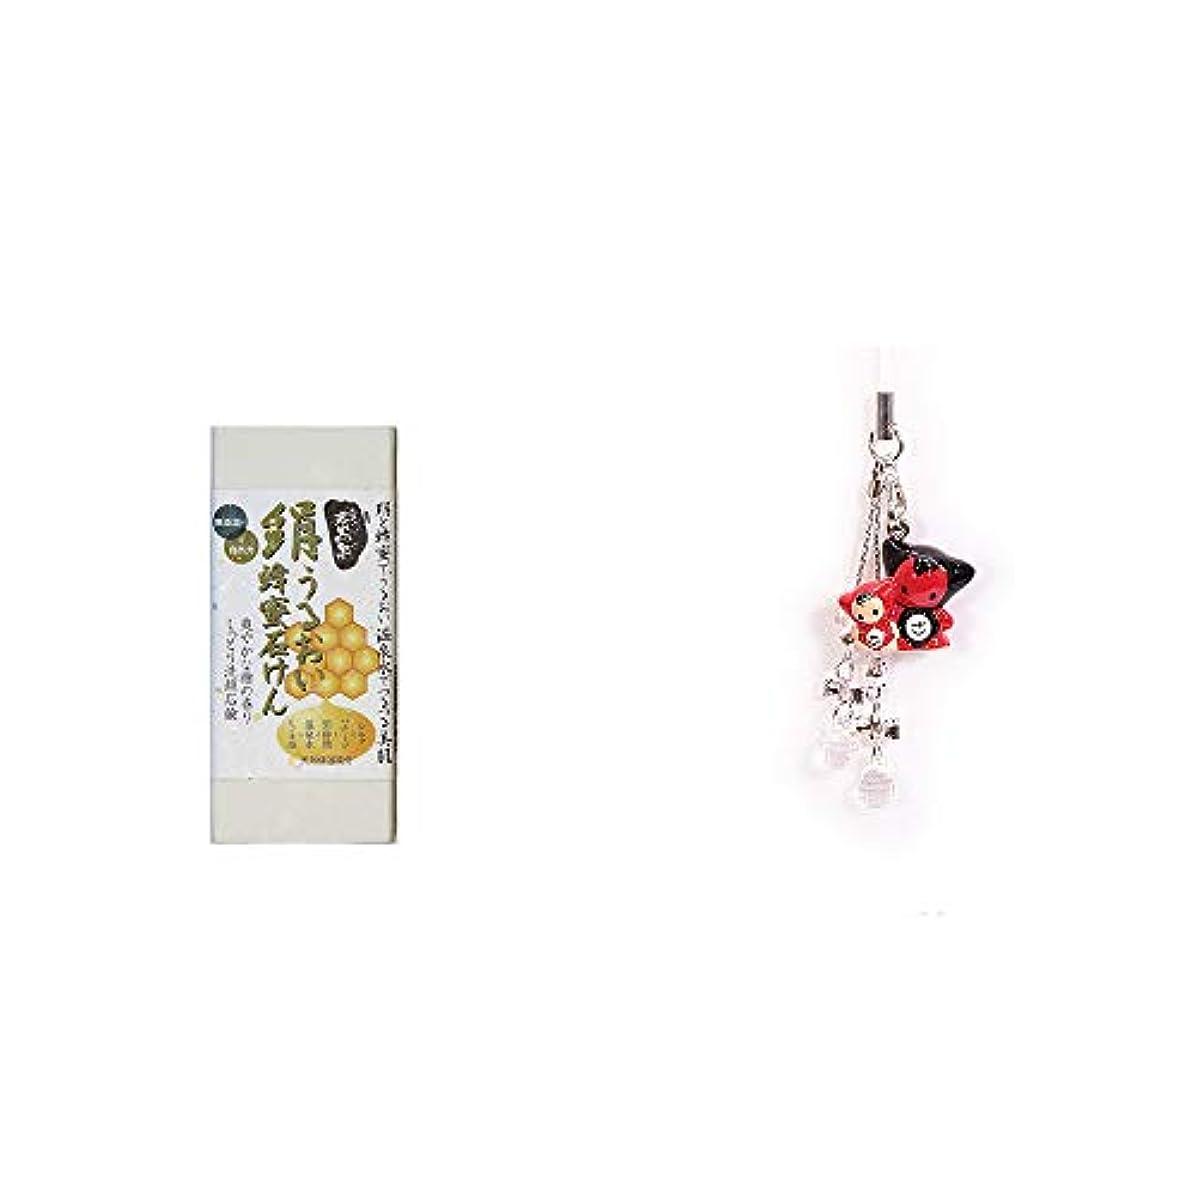 サミュエル骨折ケープ[2点セット] ひのき炭黒泉 絹うるおい蜂蜜石けん(75g×2)?さるぼぼペアビーズストラップ 【クリア】/縁結び?魔除け//